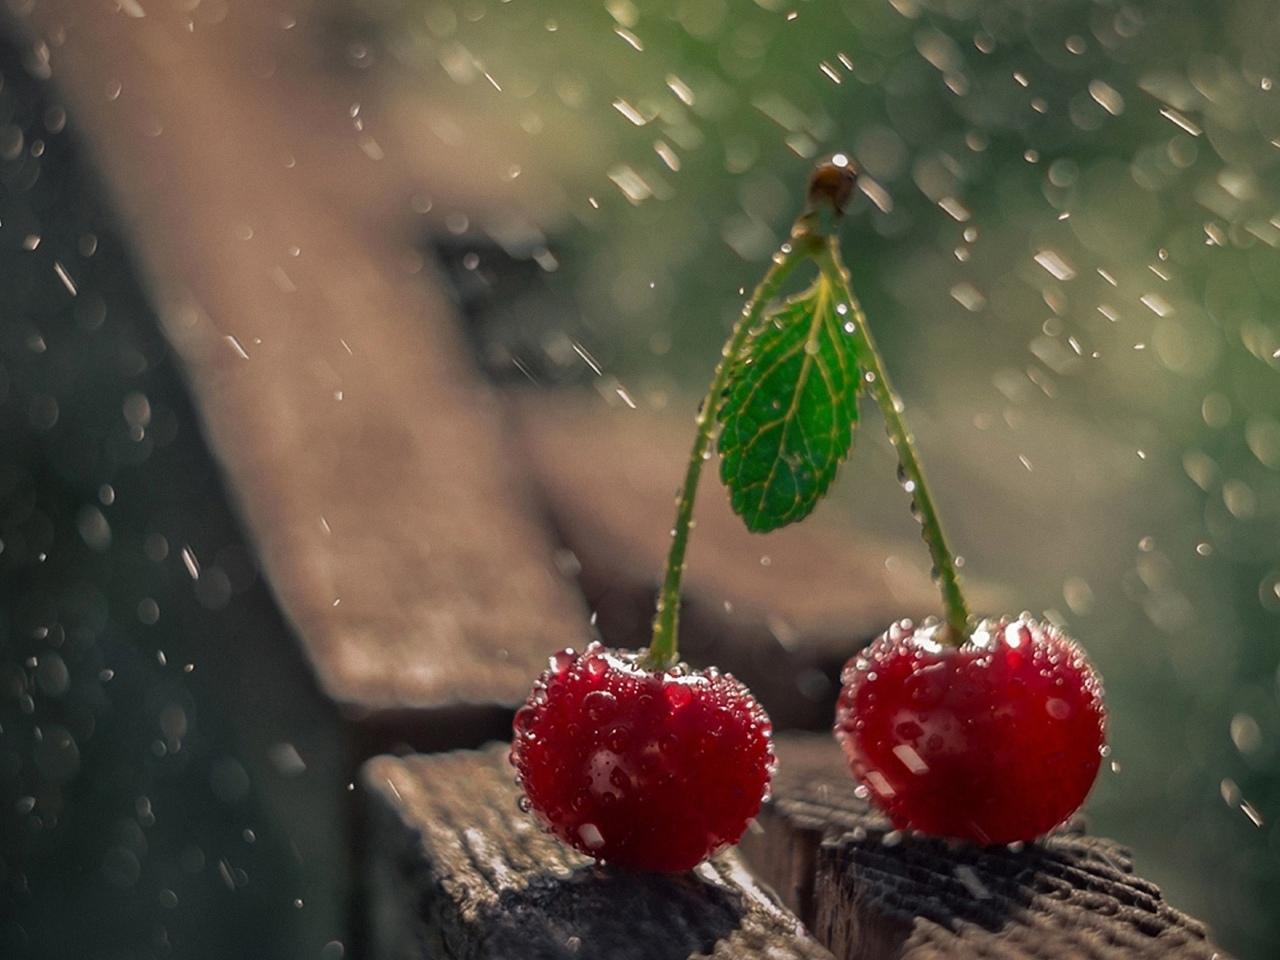 две, вишенки, под каплями, дождя